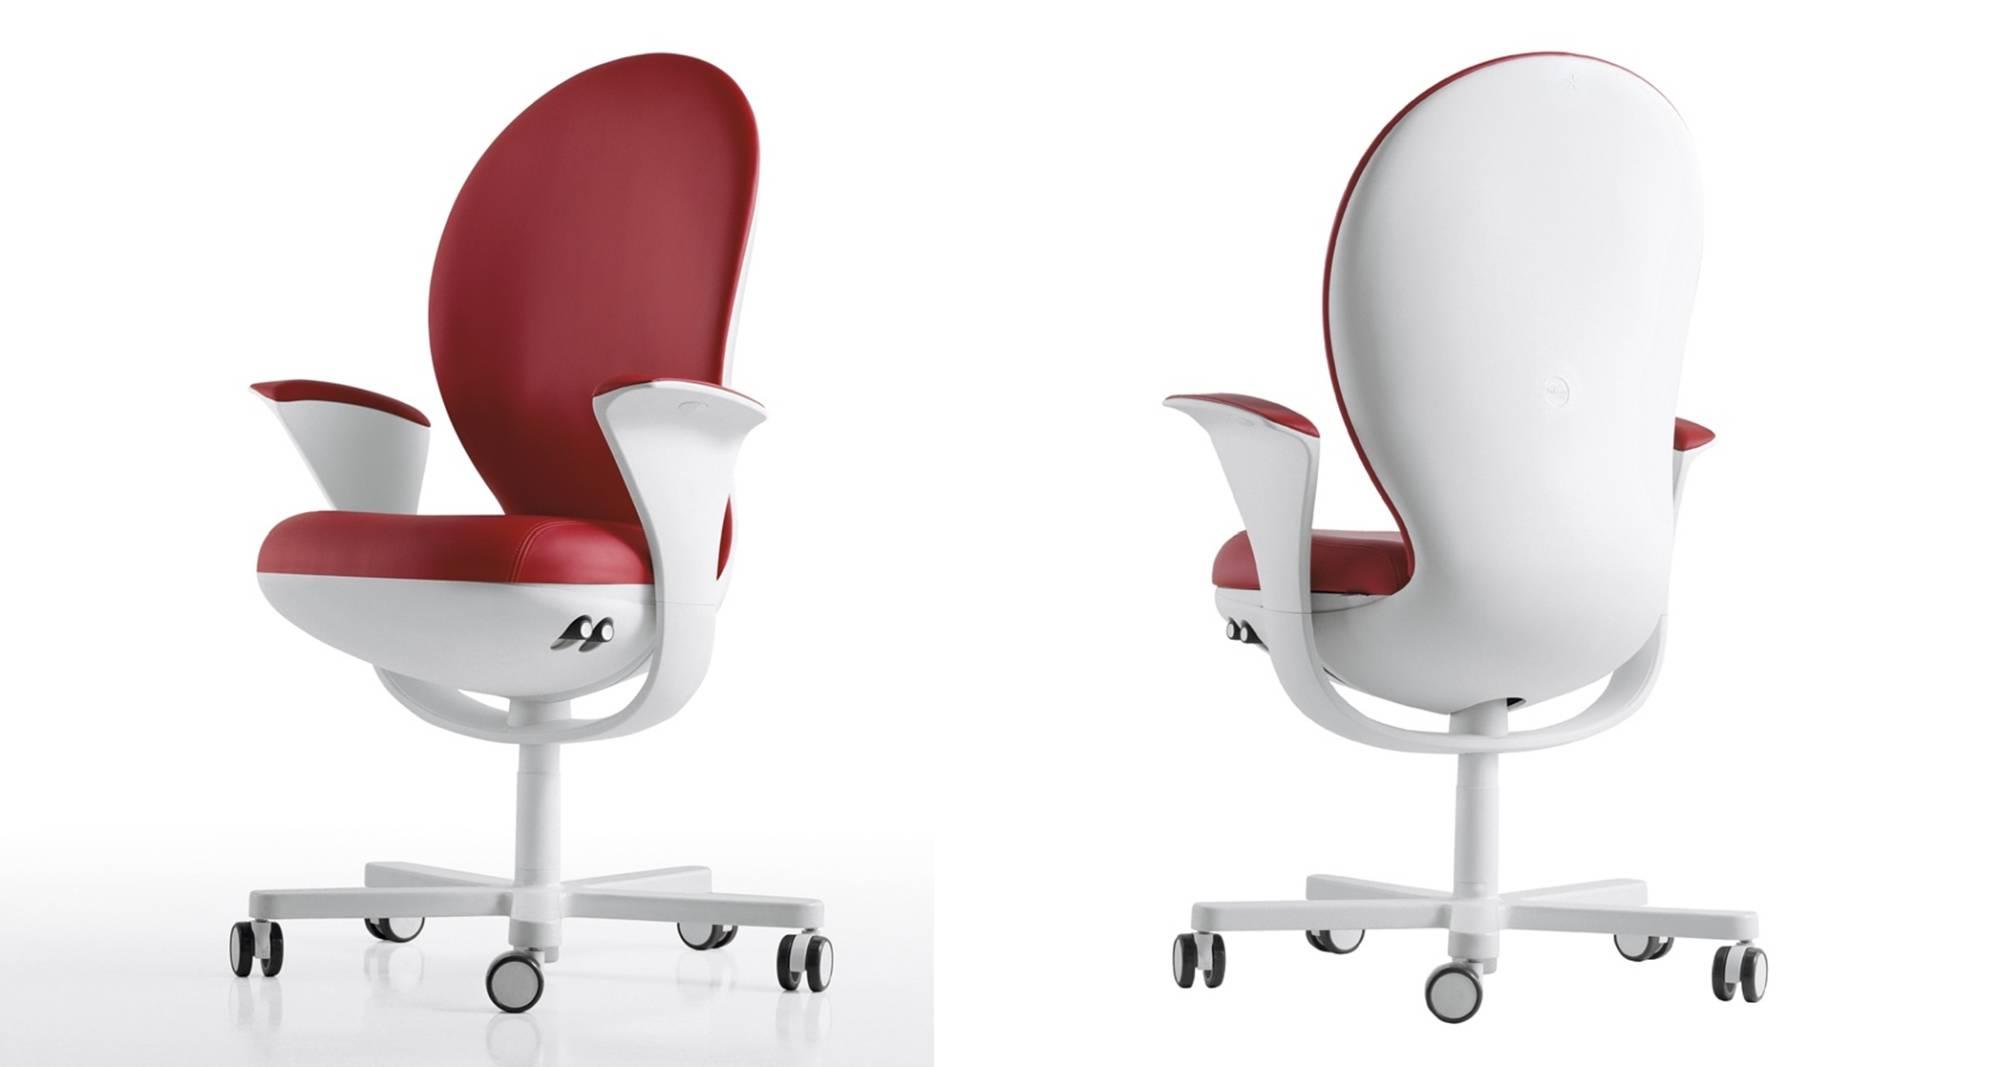 seduta_direzionale_luxy_serie_bea_ergonomica_girevole_ufficio_braccioli_schienale_doppia